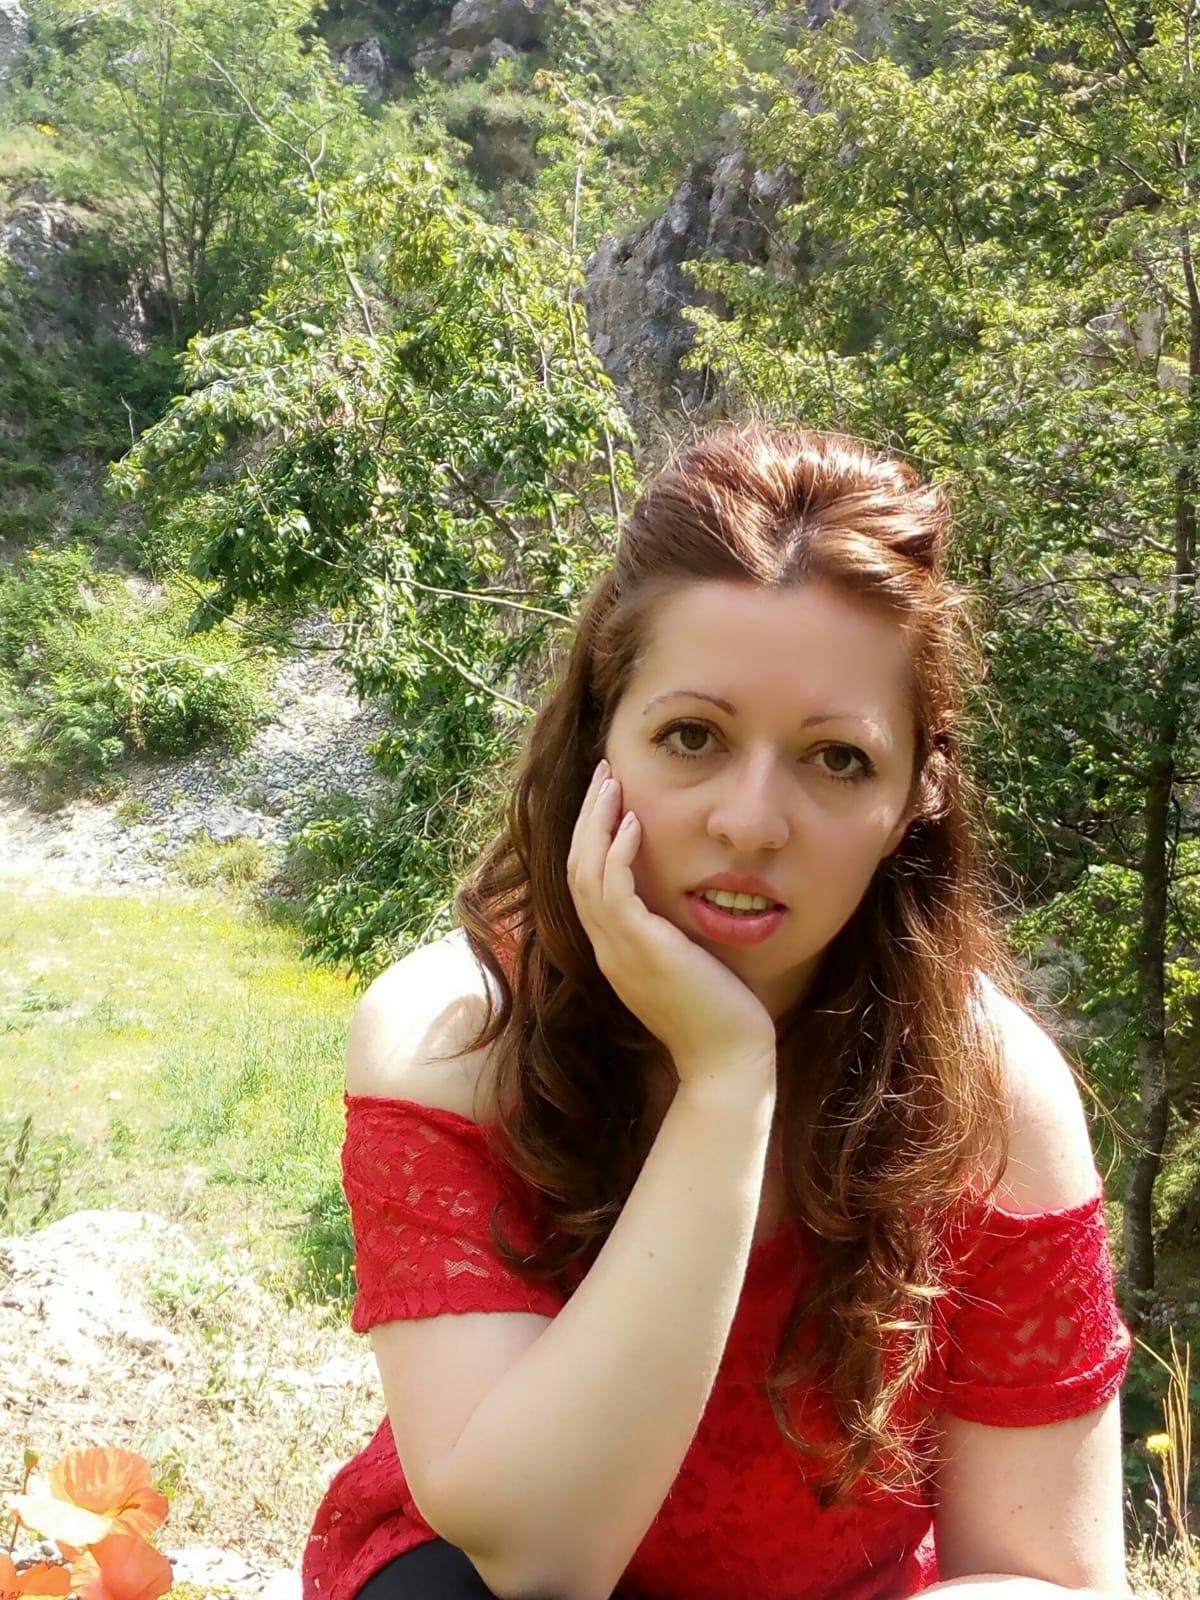 """Elena Lombardi ancora sulla breccia. La scrittrice molisana presenta al pubblico il suo nuovo libro: """"Respiro nel tuo abbraccio""""."""